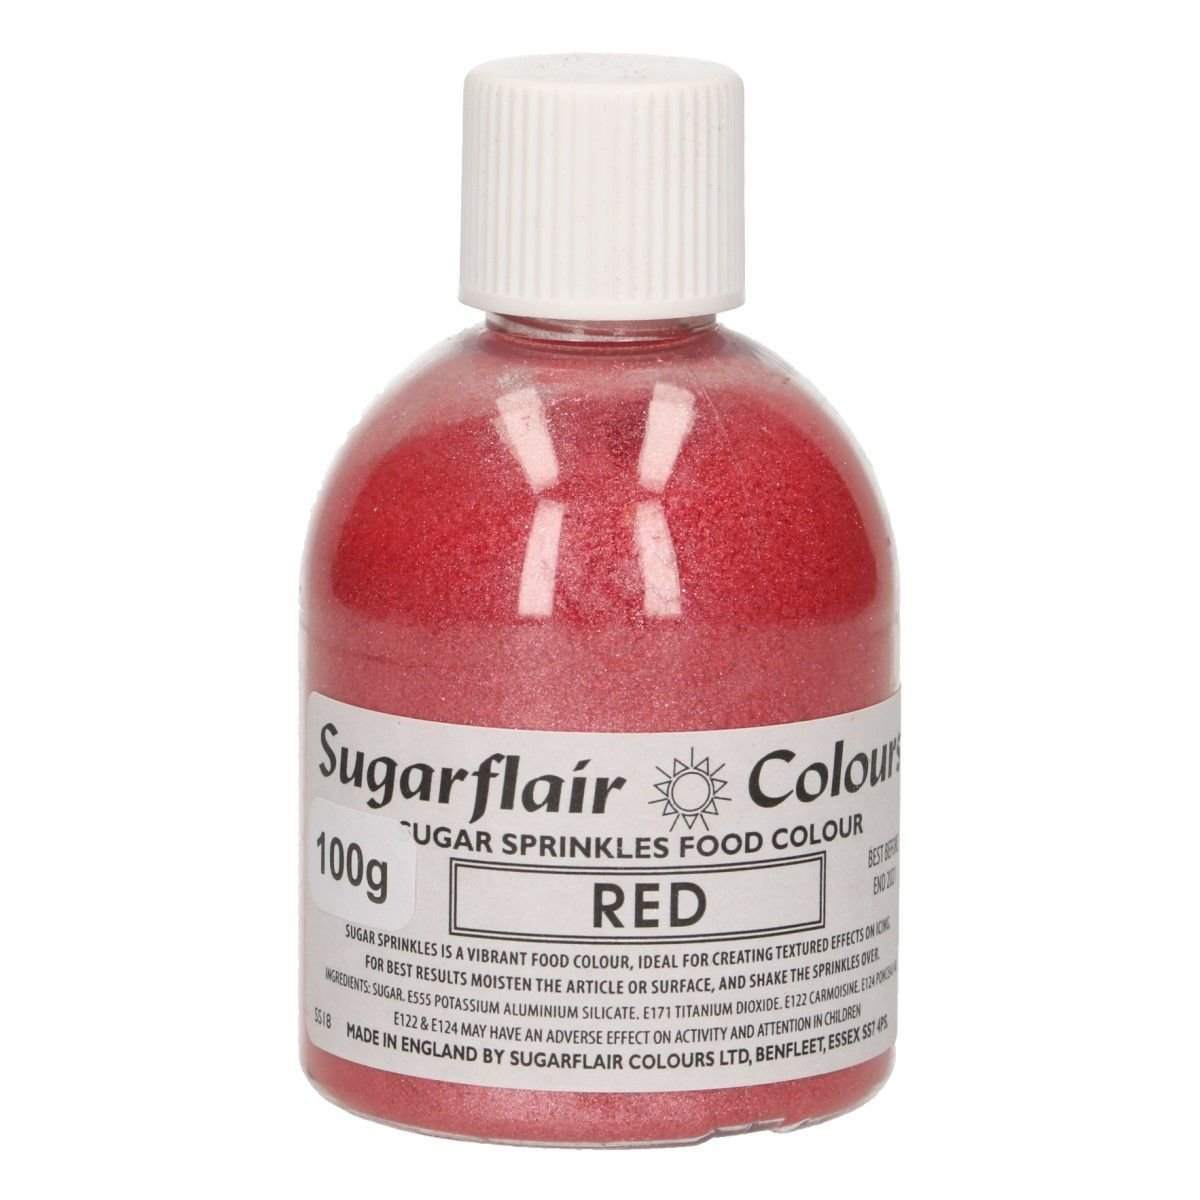 Sugarflair -Sparkling Sugar Sprinkles -RED 100g ΖΑΧΑΡΗ -Κόκκινη